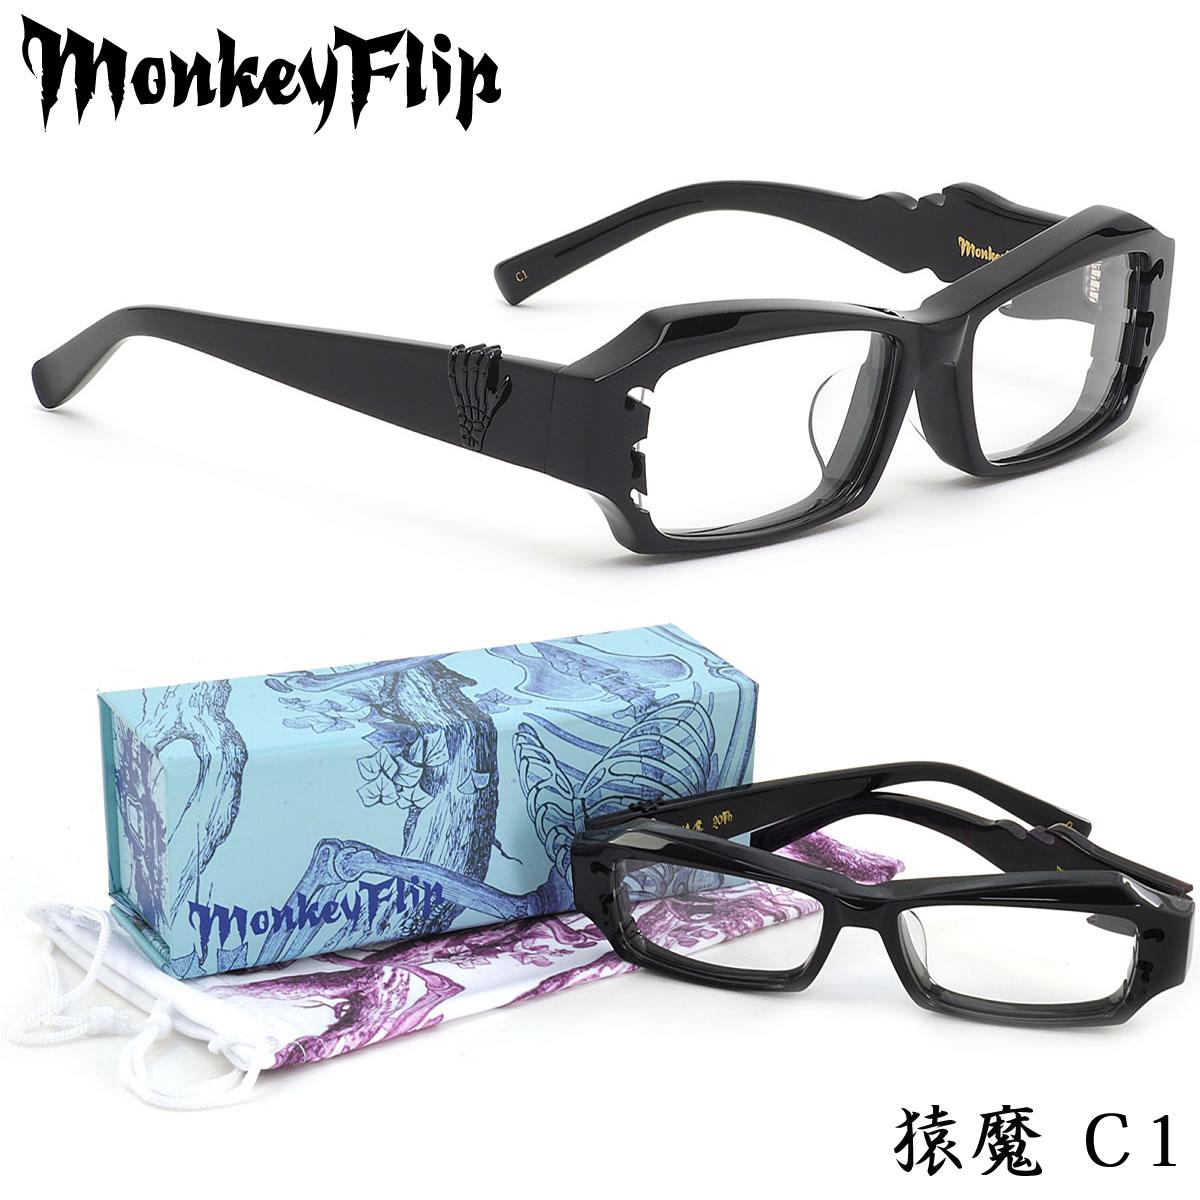 【10月30日からエントリーで全品ポイント20倍】【モンキーフリップ】 (Monkey Flip) メガネ猿魔 C1 55サイズエンマ えんま THE END OF THE WORLDMonkeyFlip メンズ レディース